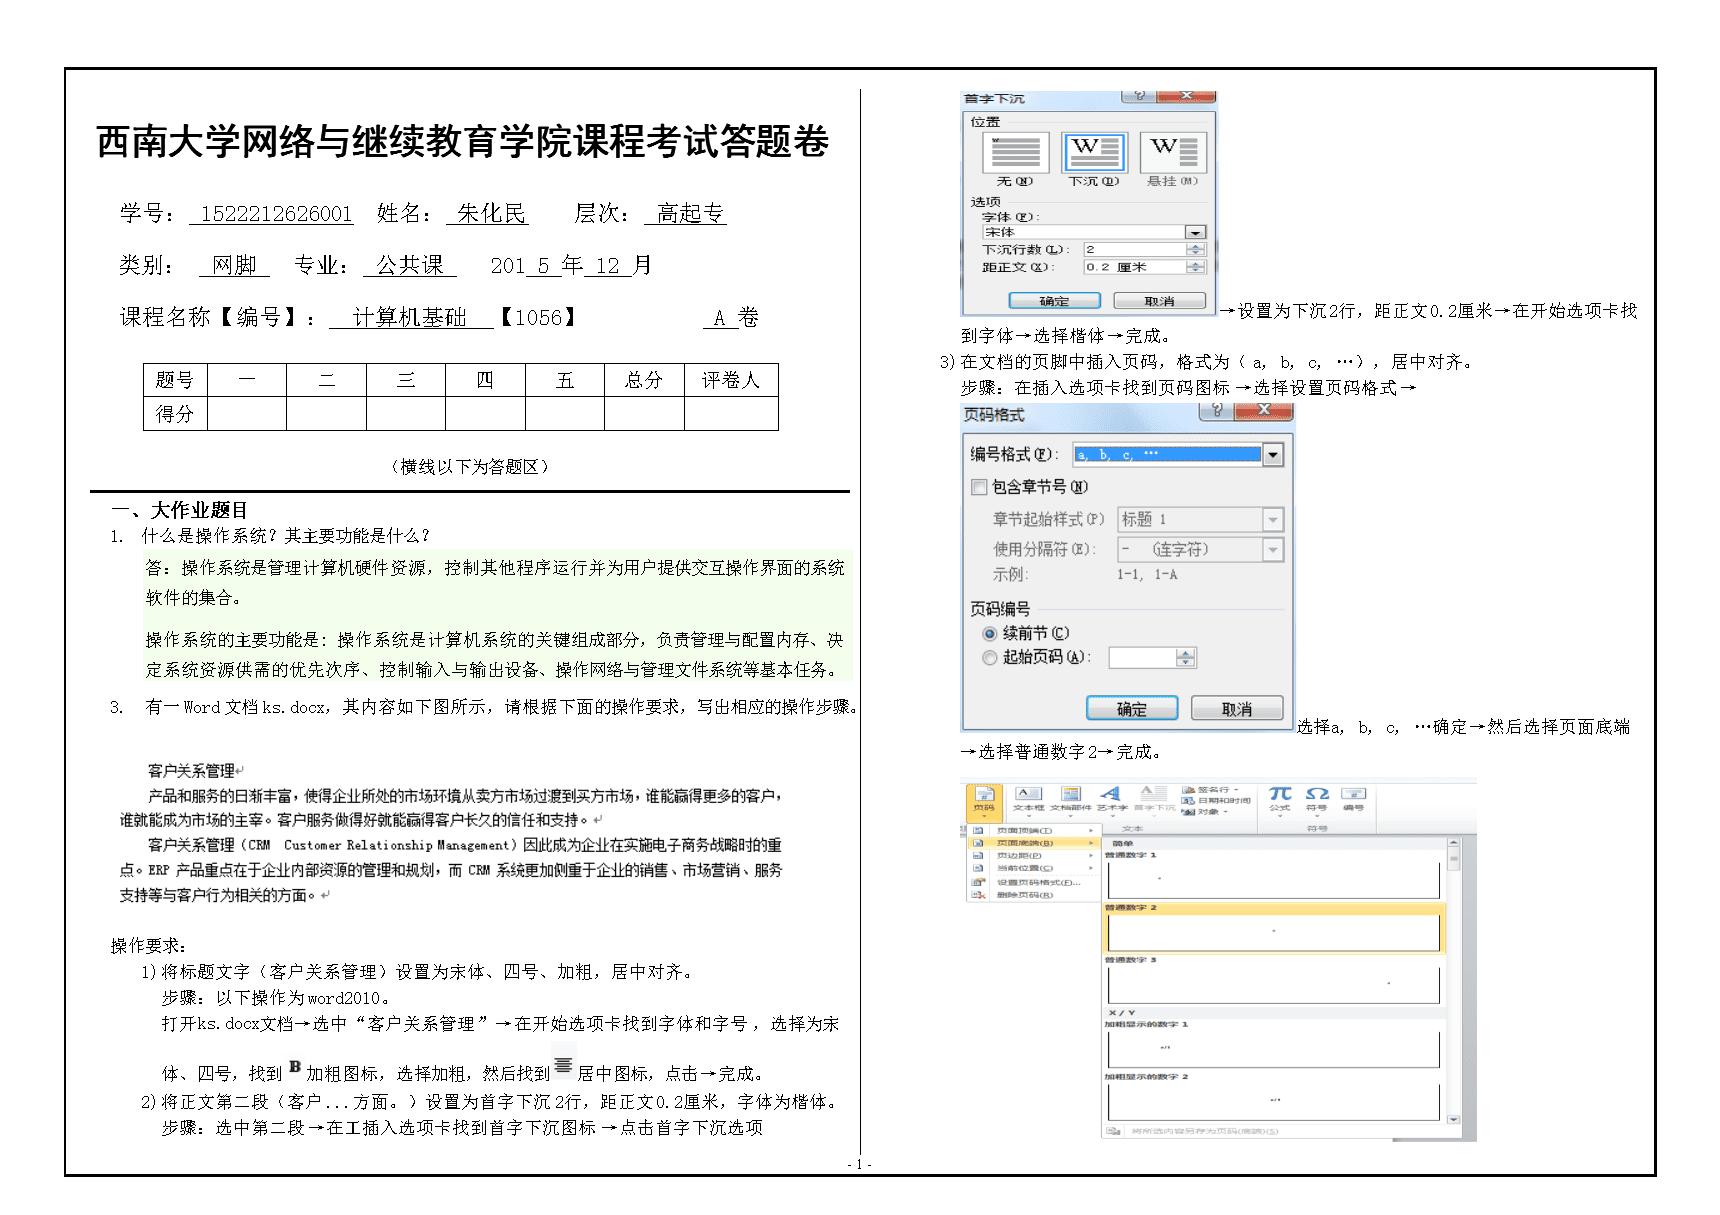 2015年秋西南大学考试课程答题卷《计算机基础》[1056]大作业A标准答案.doc